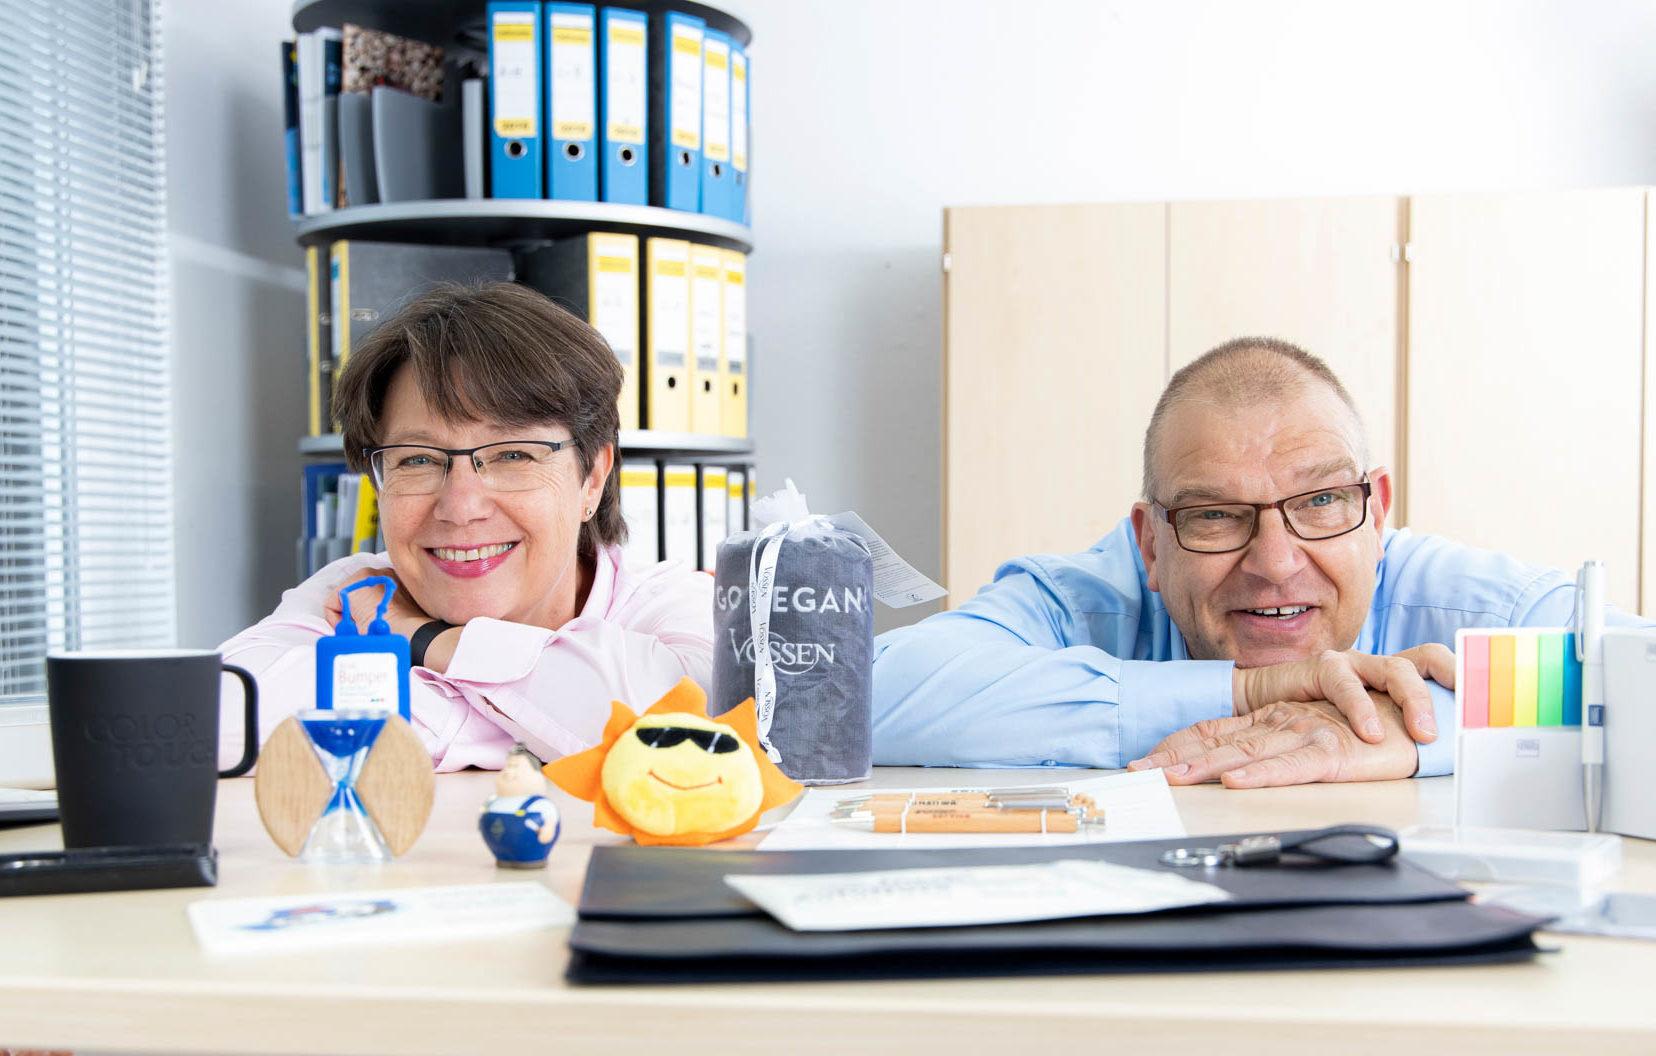 Die beiden Geschäftsführer von Thielke-Service sind auf dem Bild zu sehen und wirken sehr sympathisch.